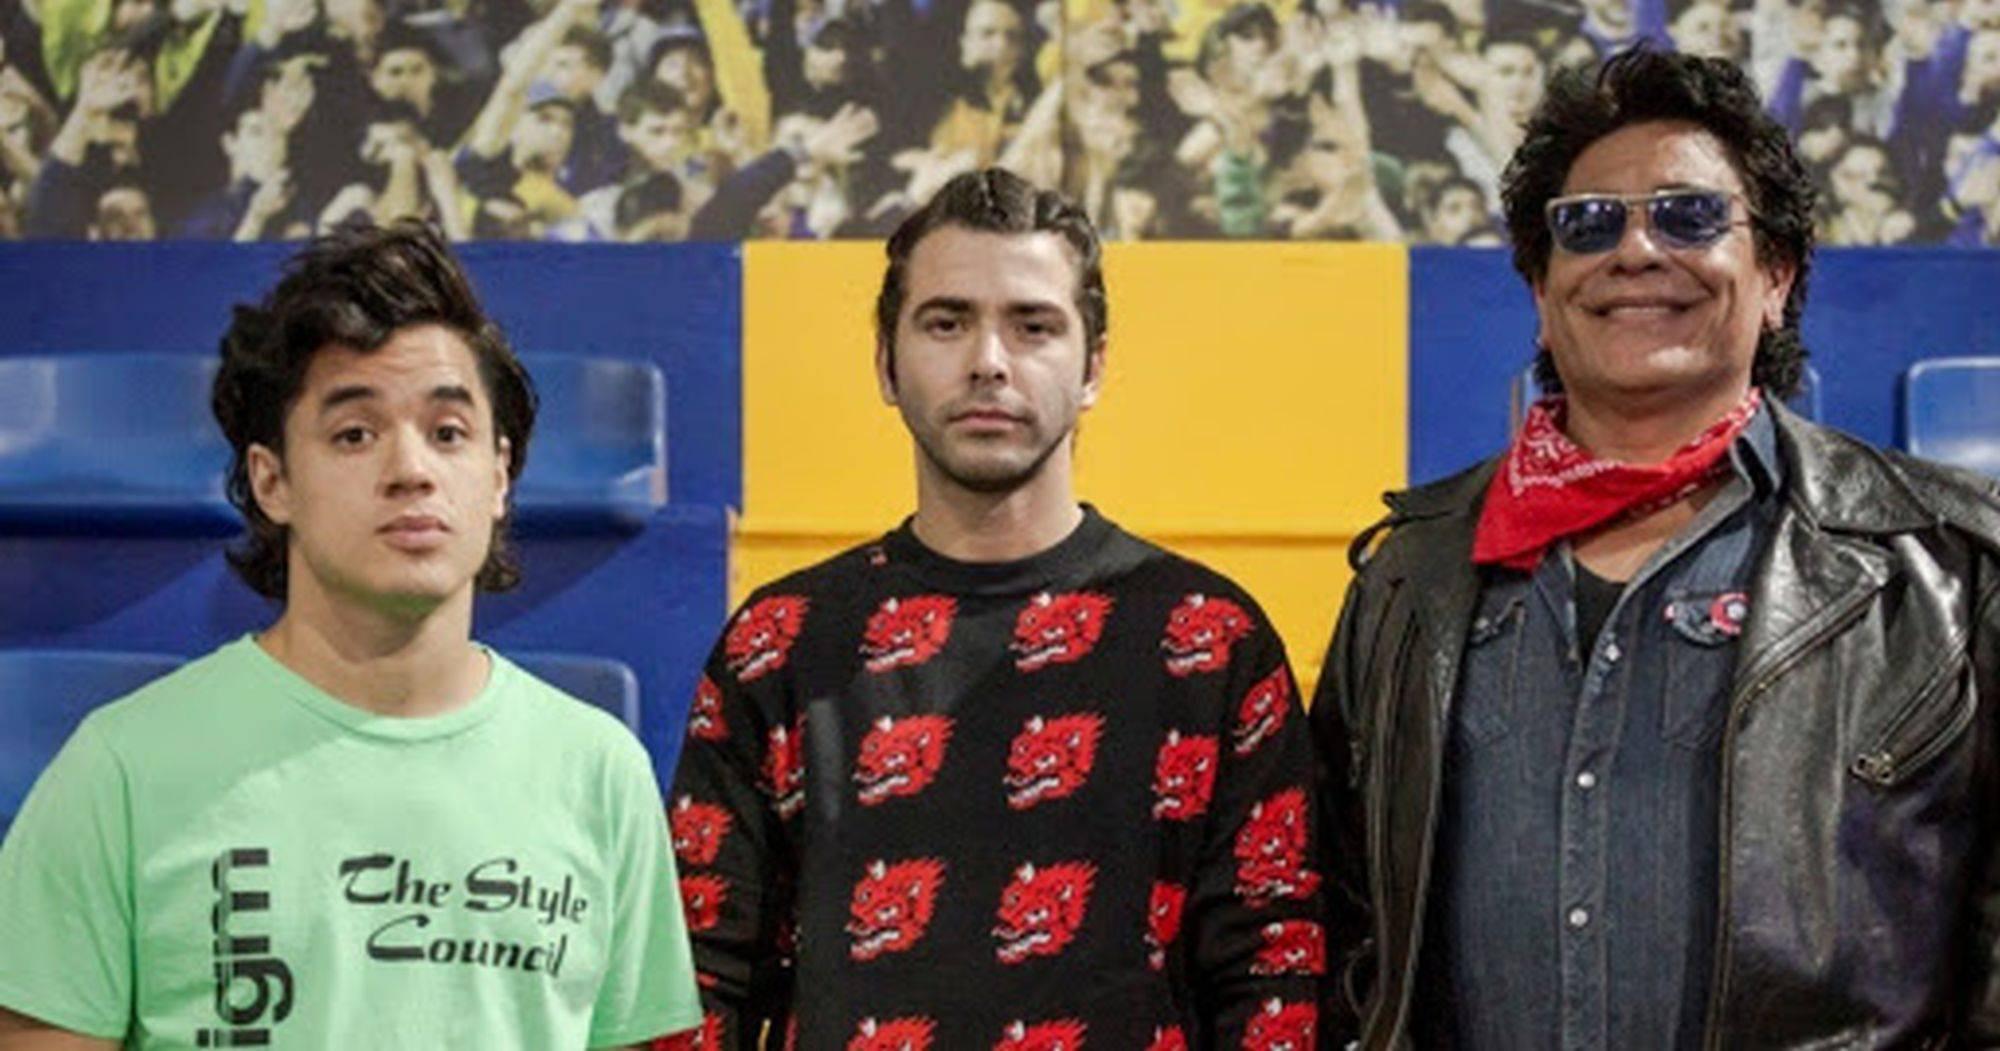 Os atores Nicolás Goldsmith, Nazareno Casero e Juan Palomino vão representar Maradona.